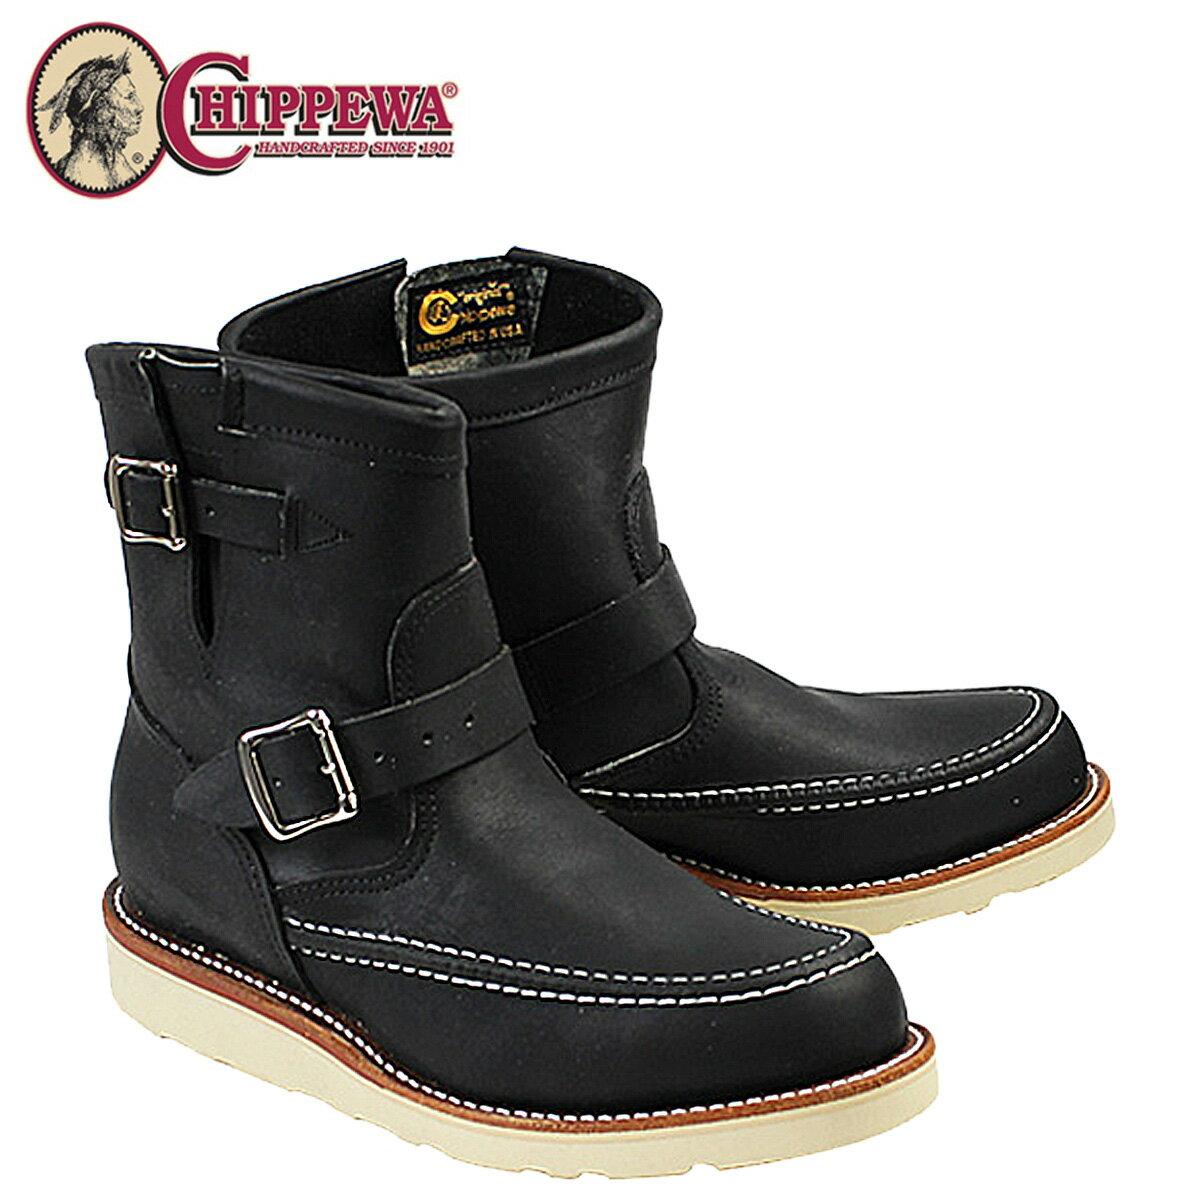 チペワ CHIPPEWA ブーツ 7インチ ハイランダー エンジニア 7INCH HIGHLANDER 1901M07 Eワイズ ブラック メンズ [12/15 追加入荷]